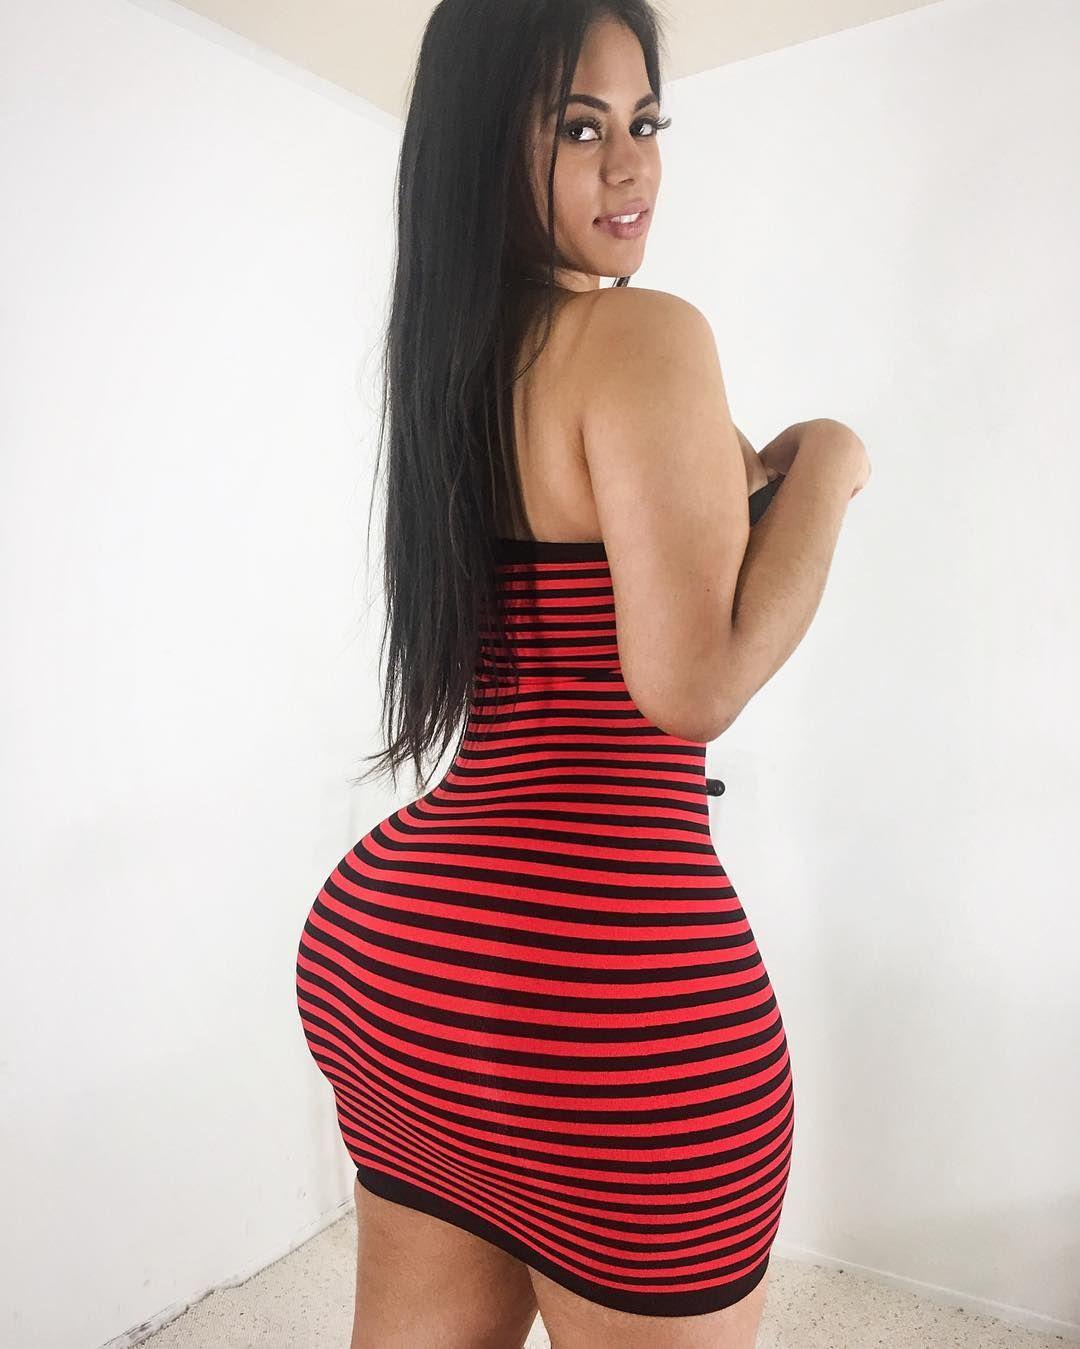 Stavanger girls sweet sexy ass